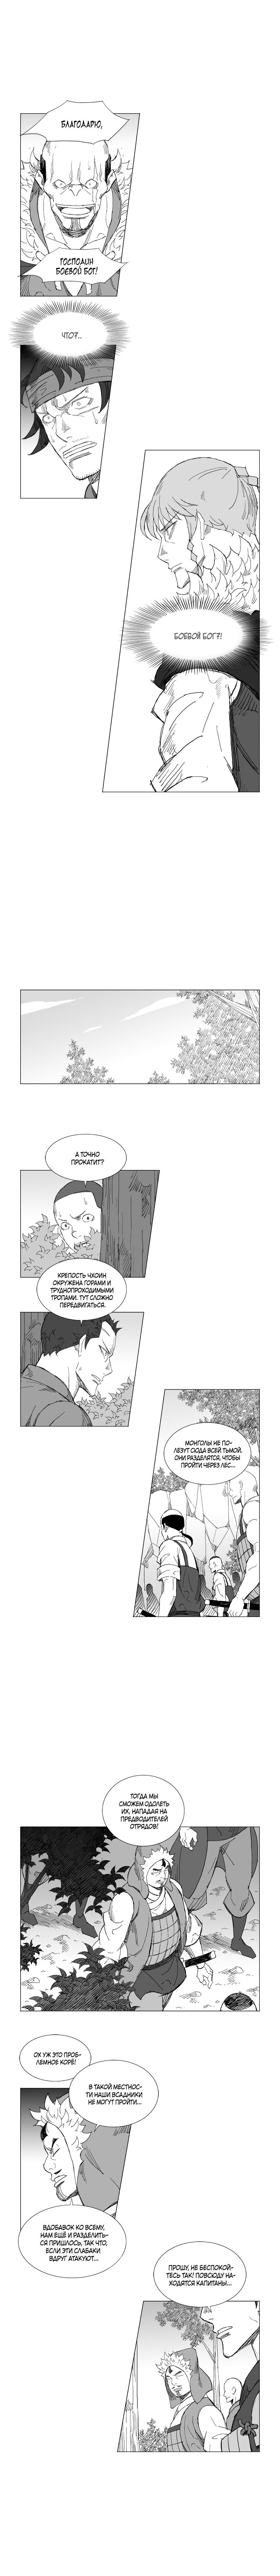 https://r1.ninemanga.com/comics/pic3/39/28263/1325929/1553301938883.png Page 3